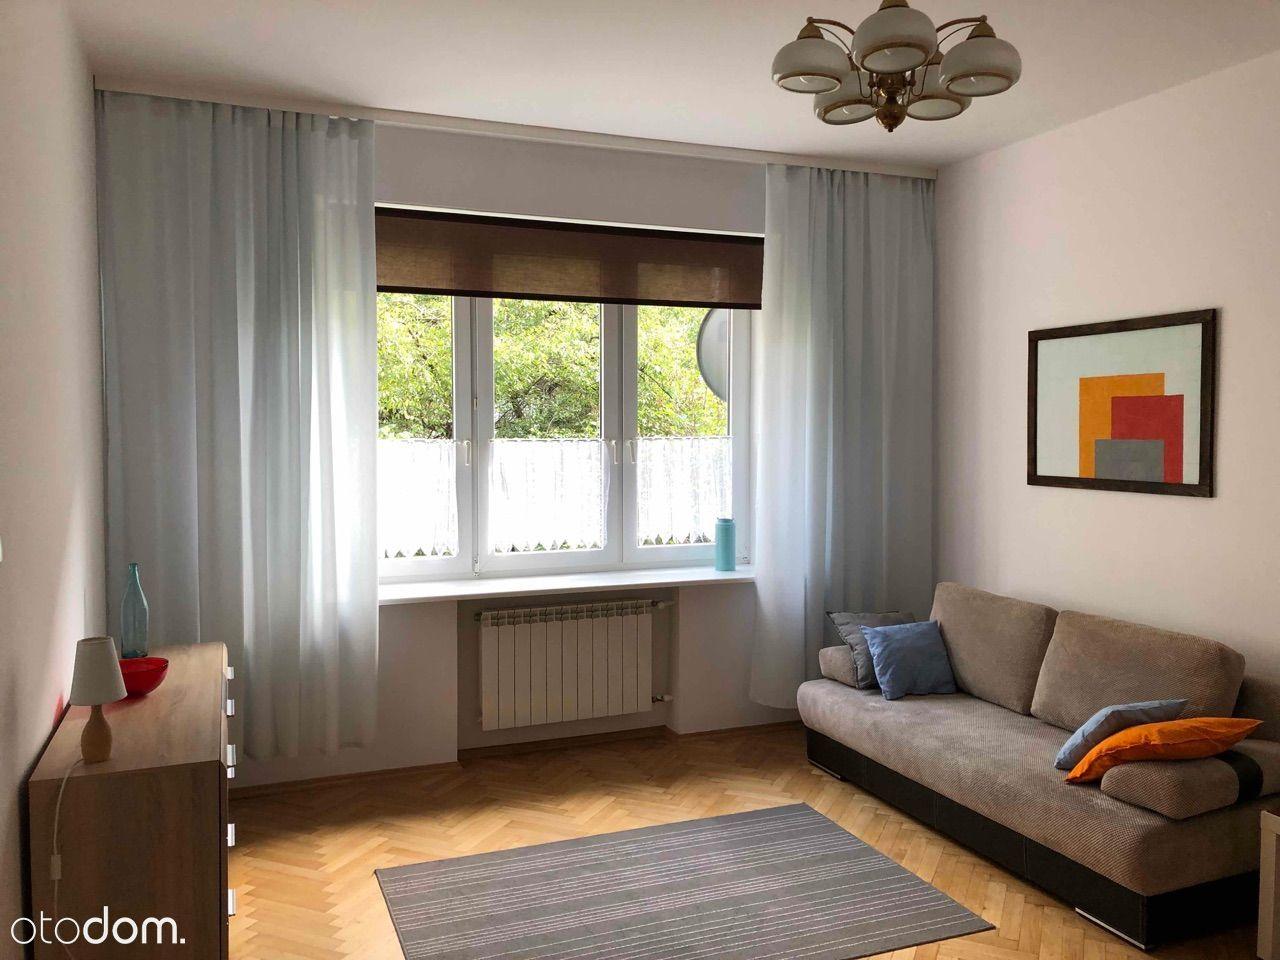 1 Pokój Mieszkanie Na Wynajem Warszawa śródmieście Powiśle 59688566 Wwwotodompl